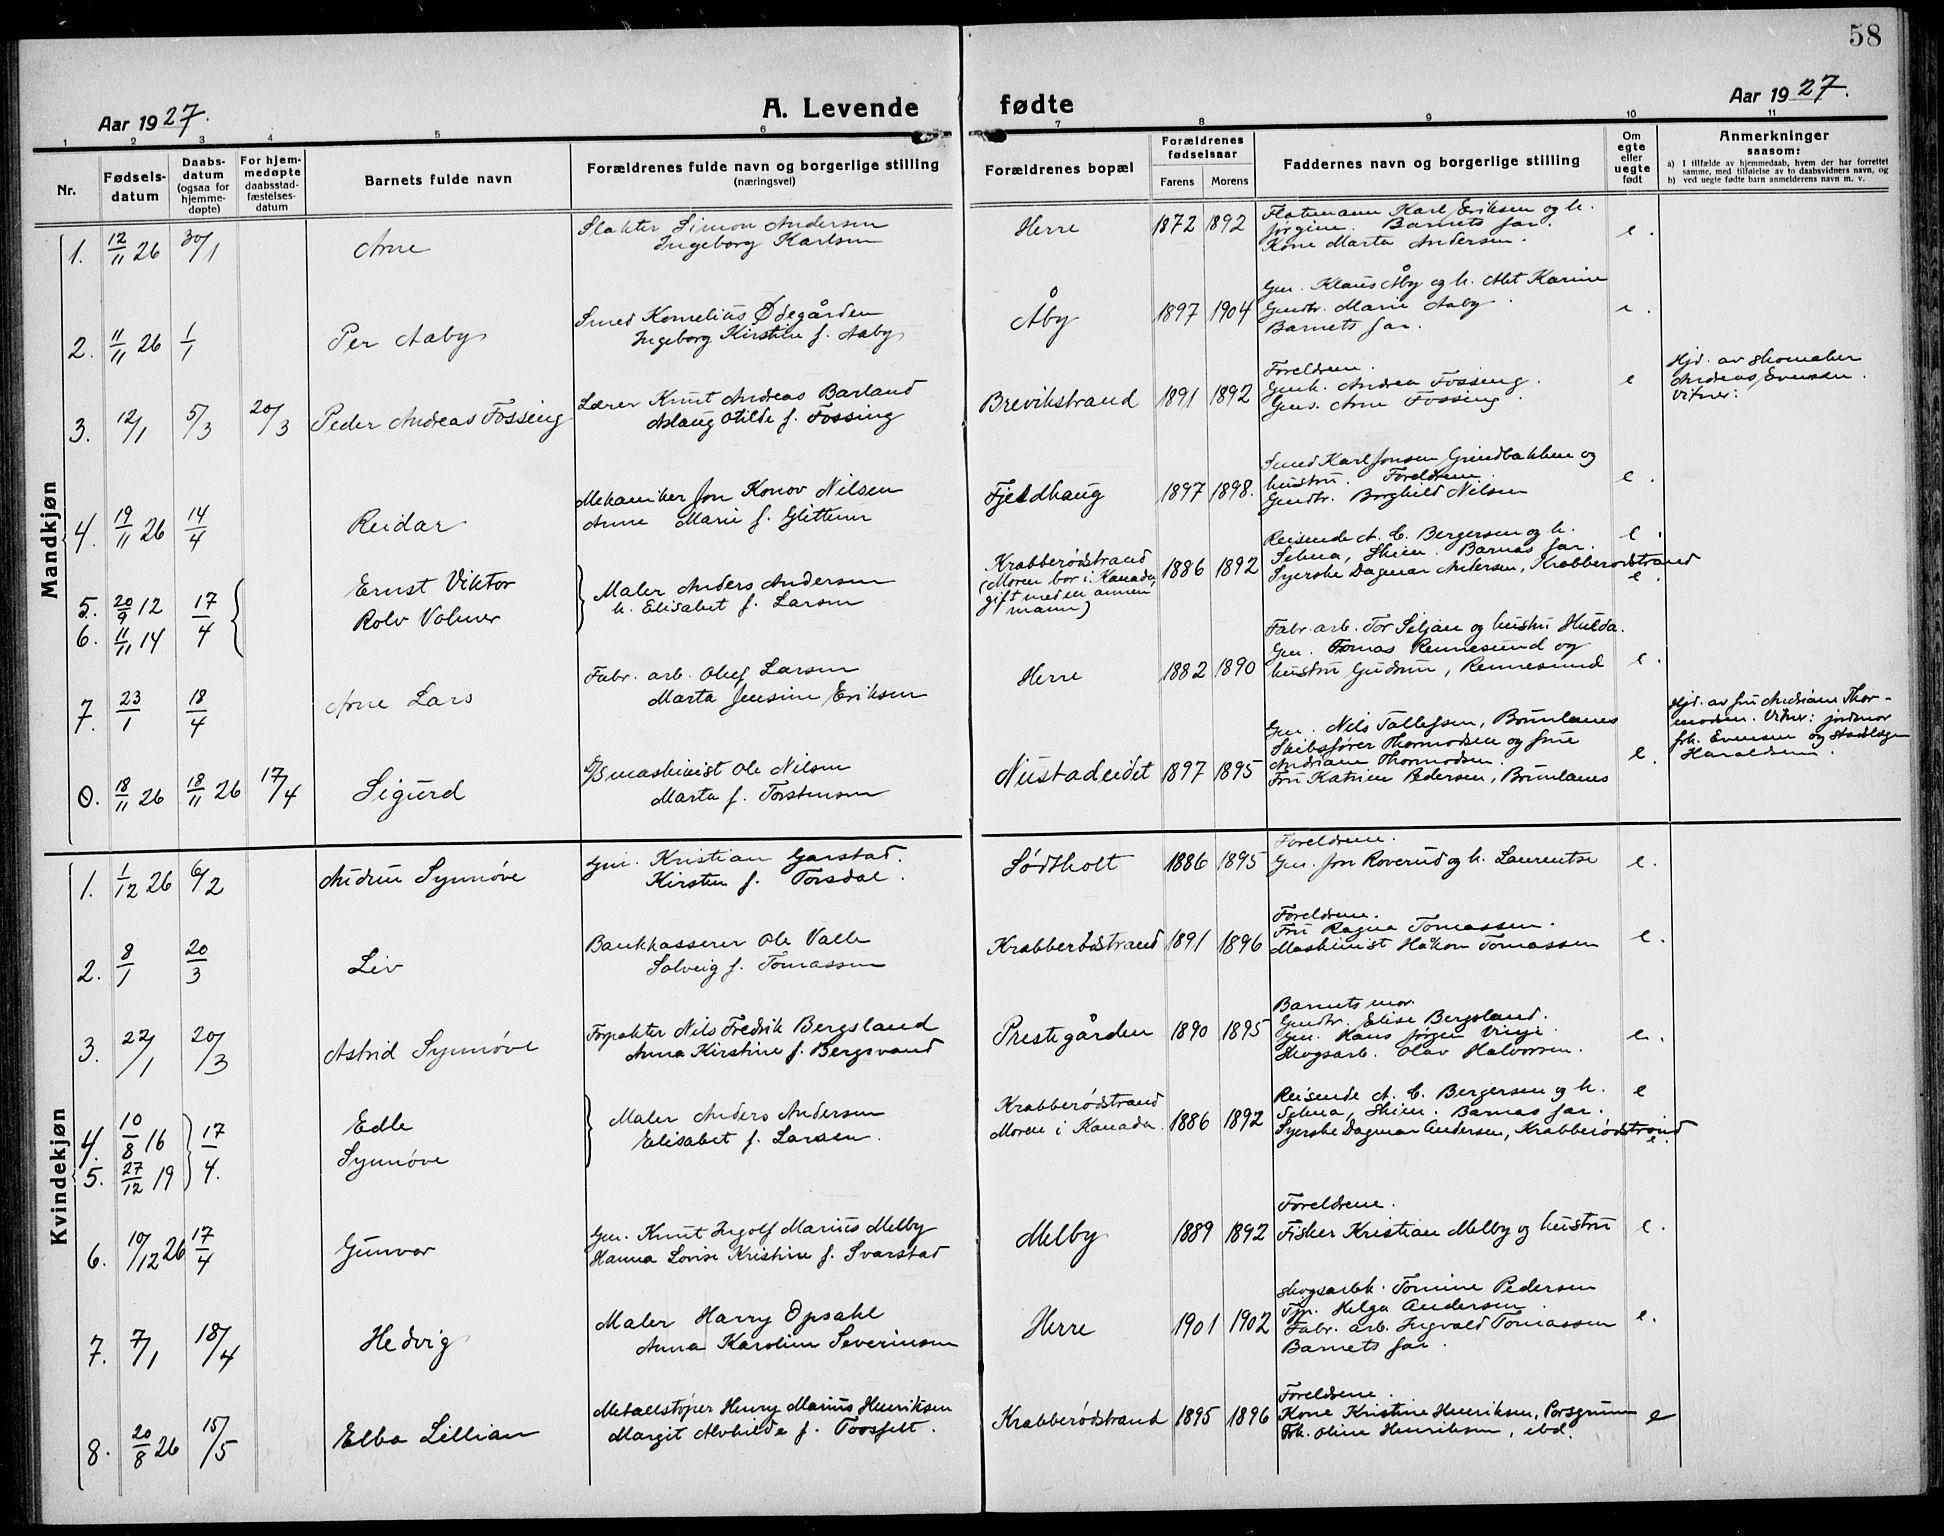 SAKO, Bamble kirkebøker, G/Ga/L0011: Klokkerbok nr. I 11, 1920-1935, s. 58